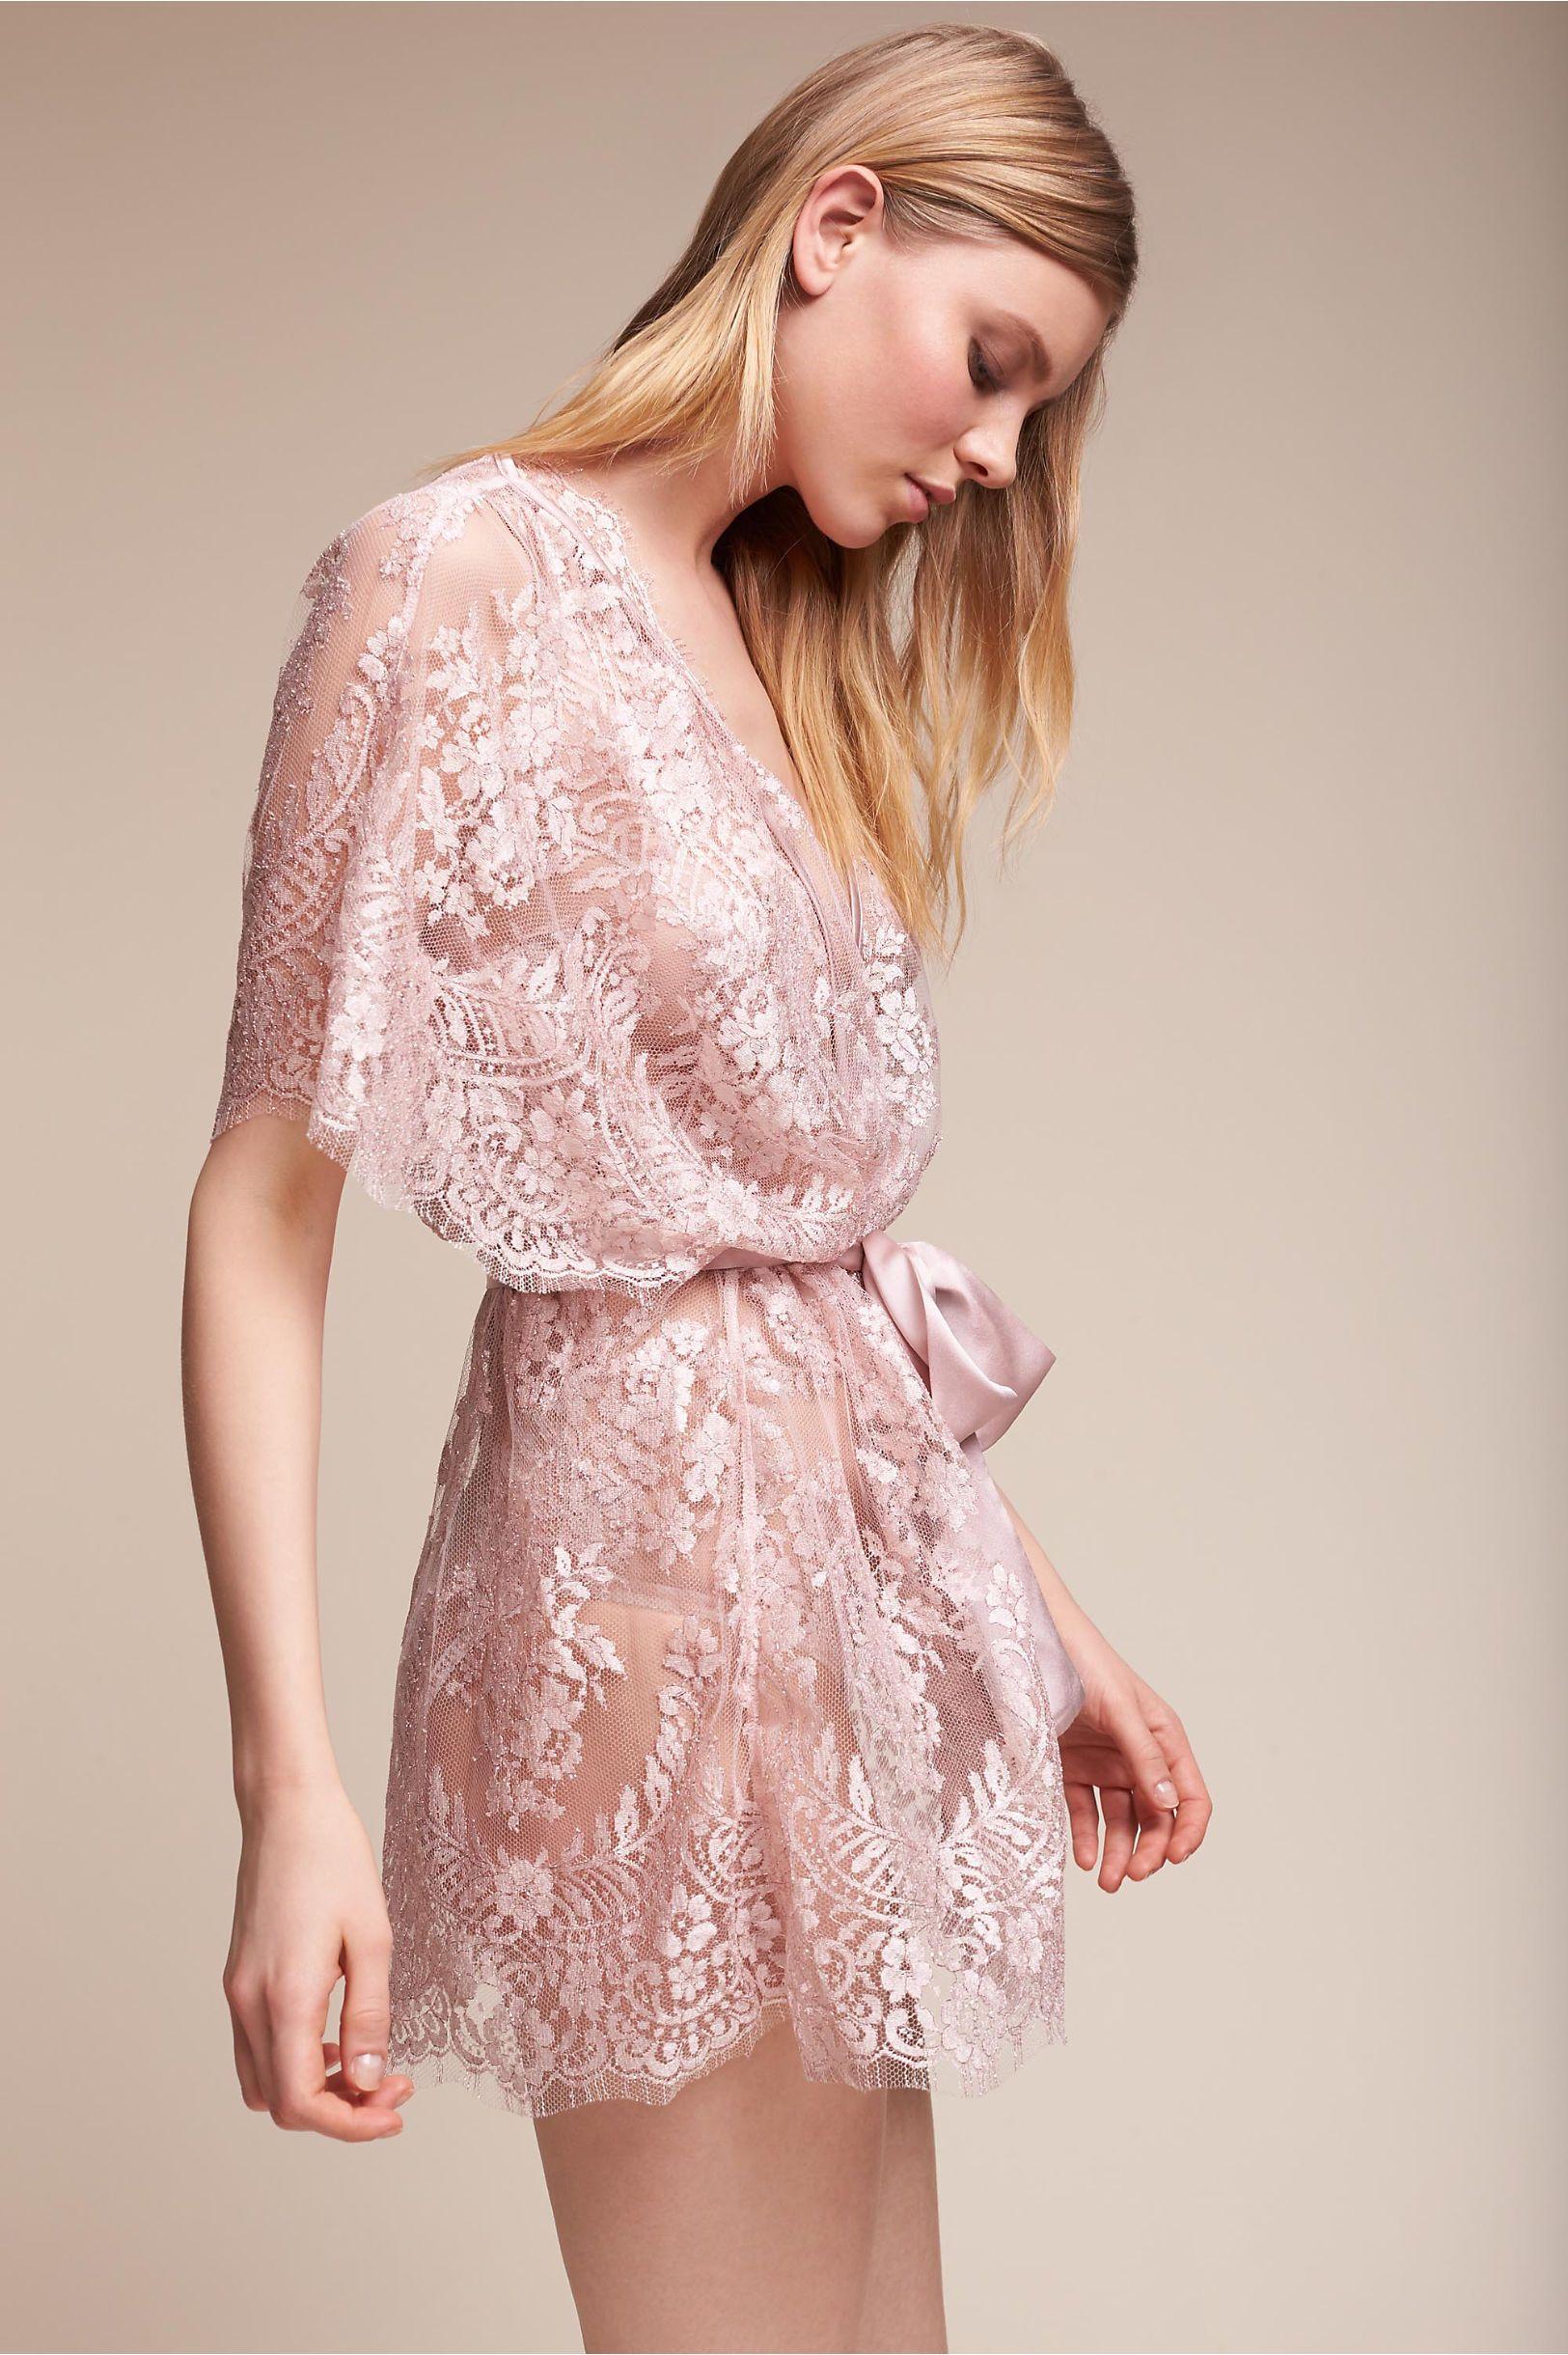 BHLDN Eclat Kimono in Lingerie & Swim | BHLDN | LINGERIE ...